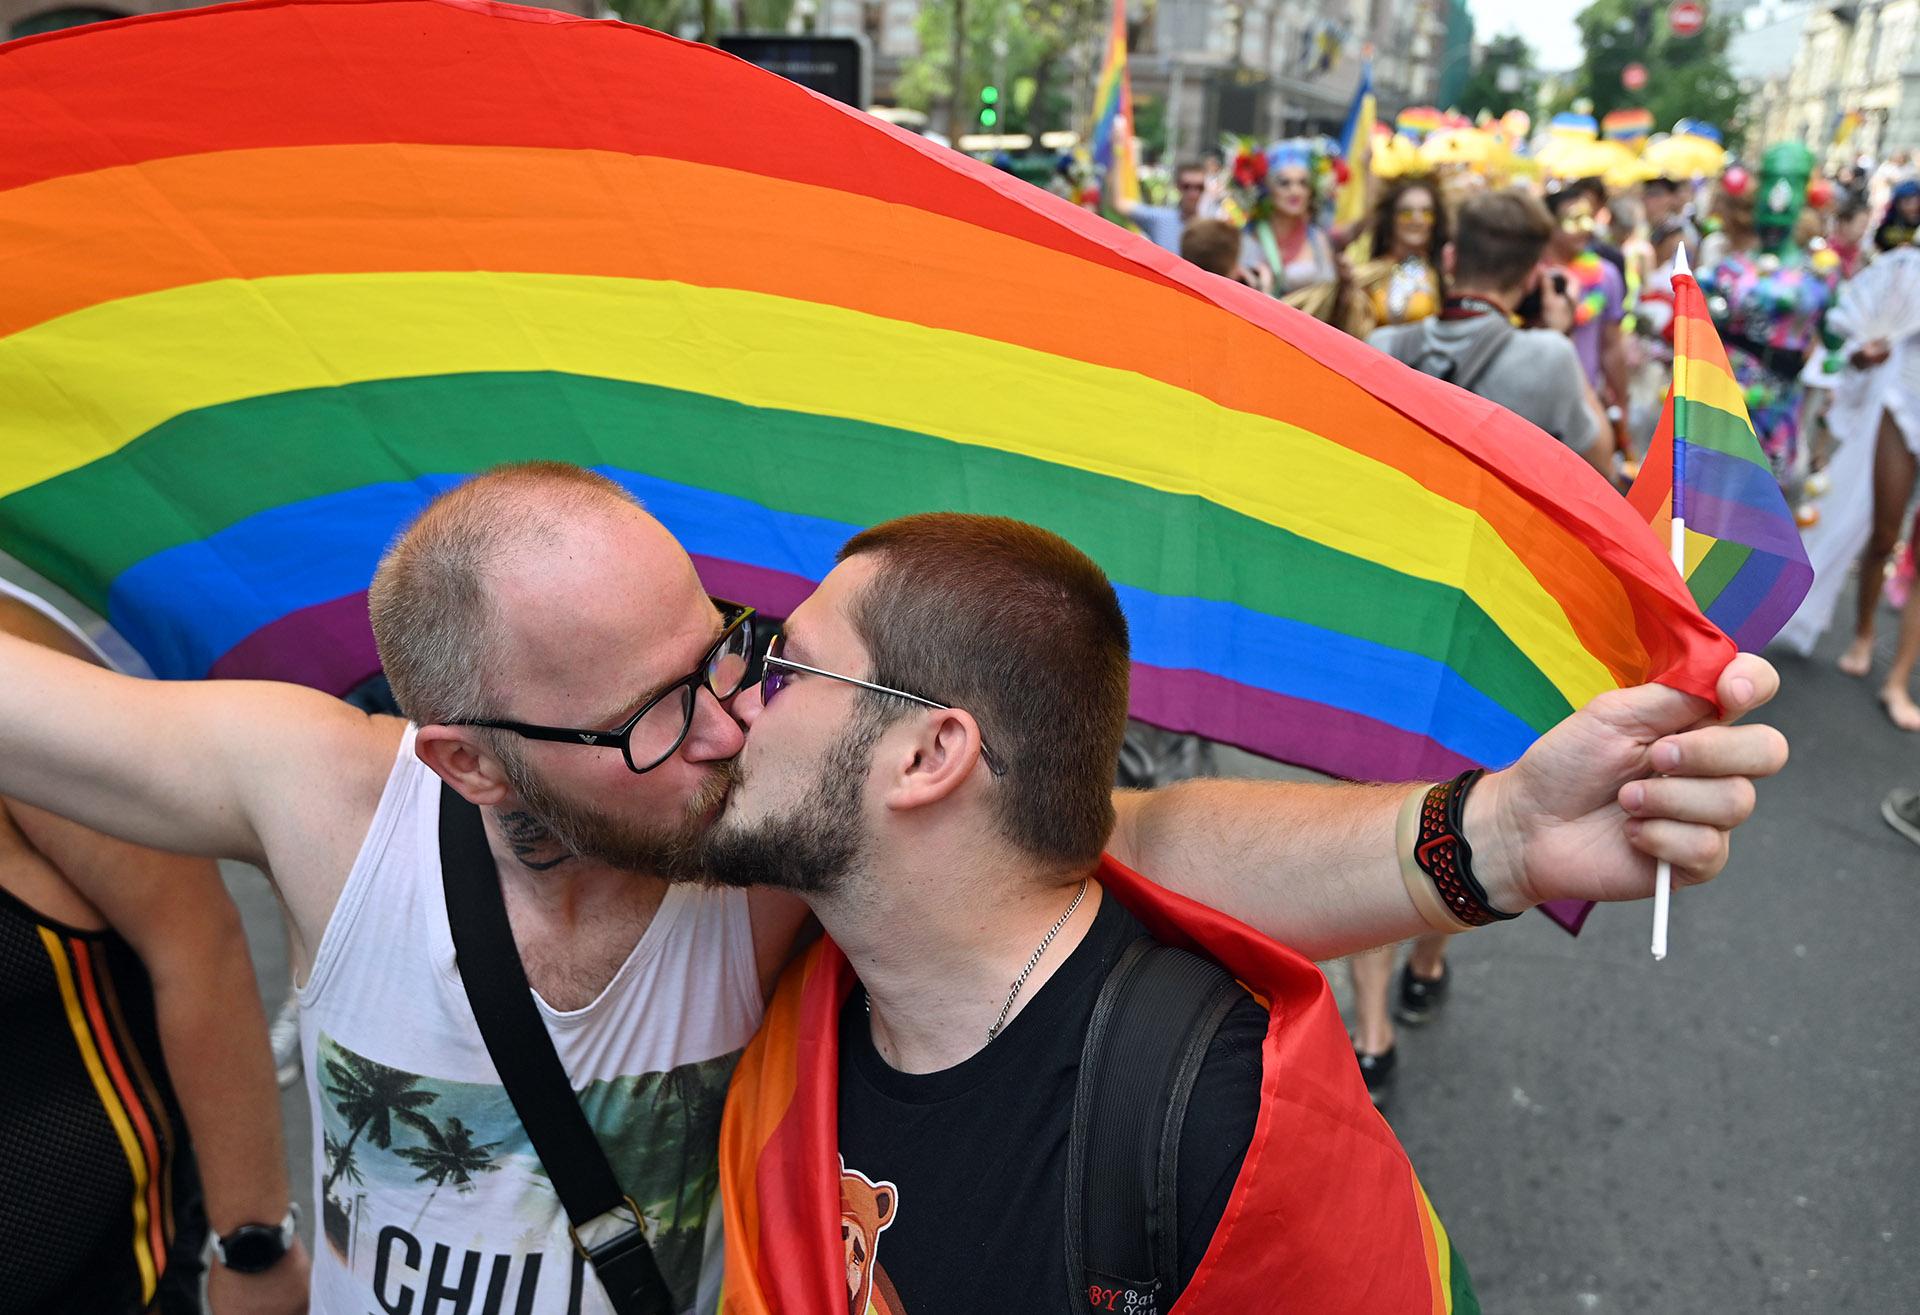 En Ucrania el festejo del Orgullo Gay casi es opacado por activistas que se oponían a la celebración. Pero, a pesar de todo,pudieron llevar adelante el desfile y celebrarsu amor y orgullo